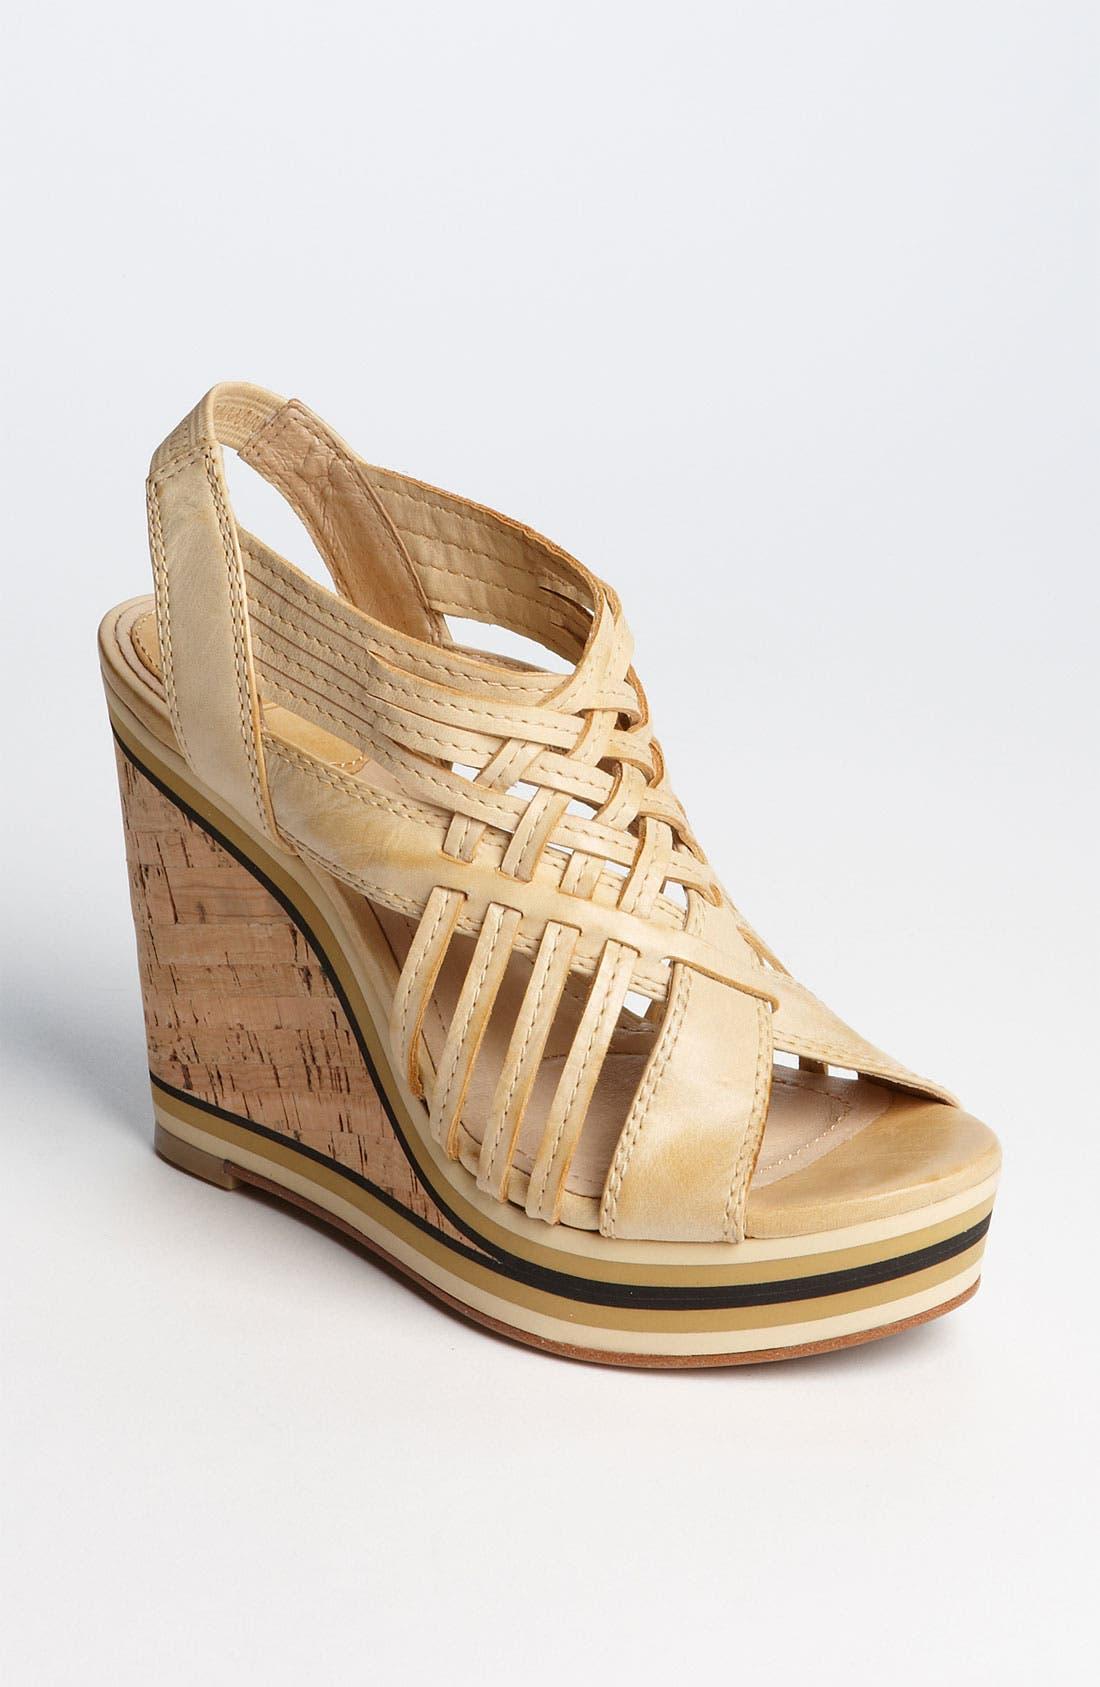 Main Image - Frye 'Corrina' Woven Sandal